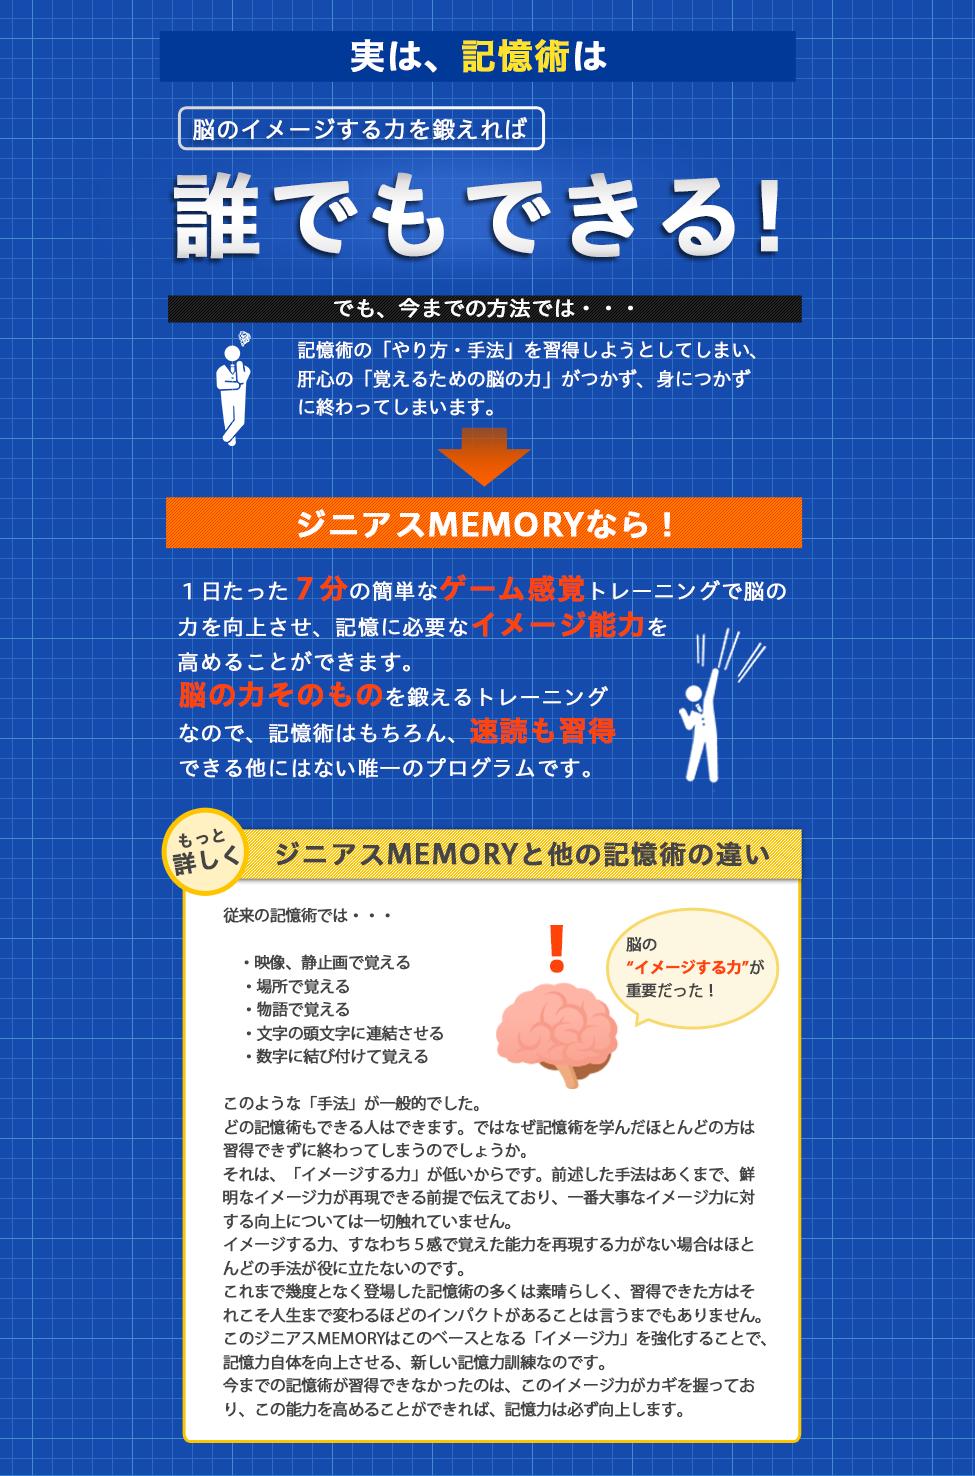 実は記憶術は誰でもできる!